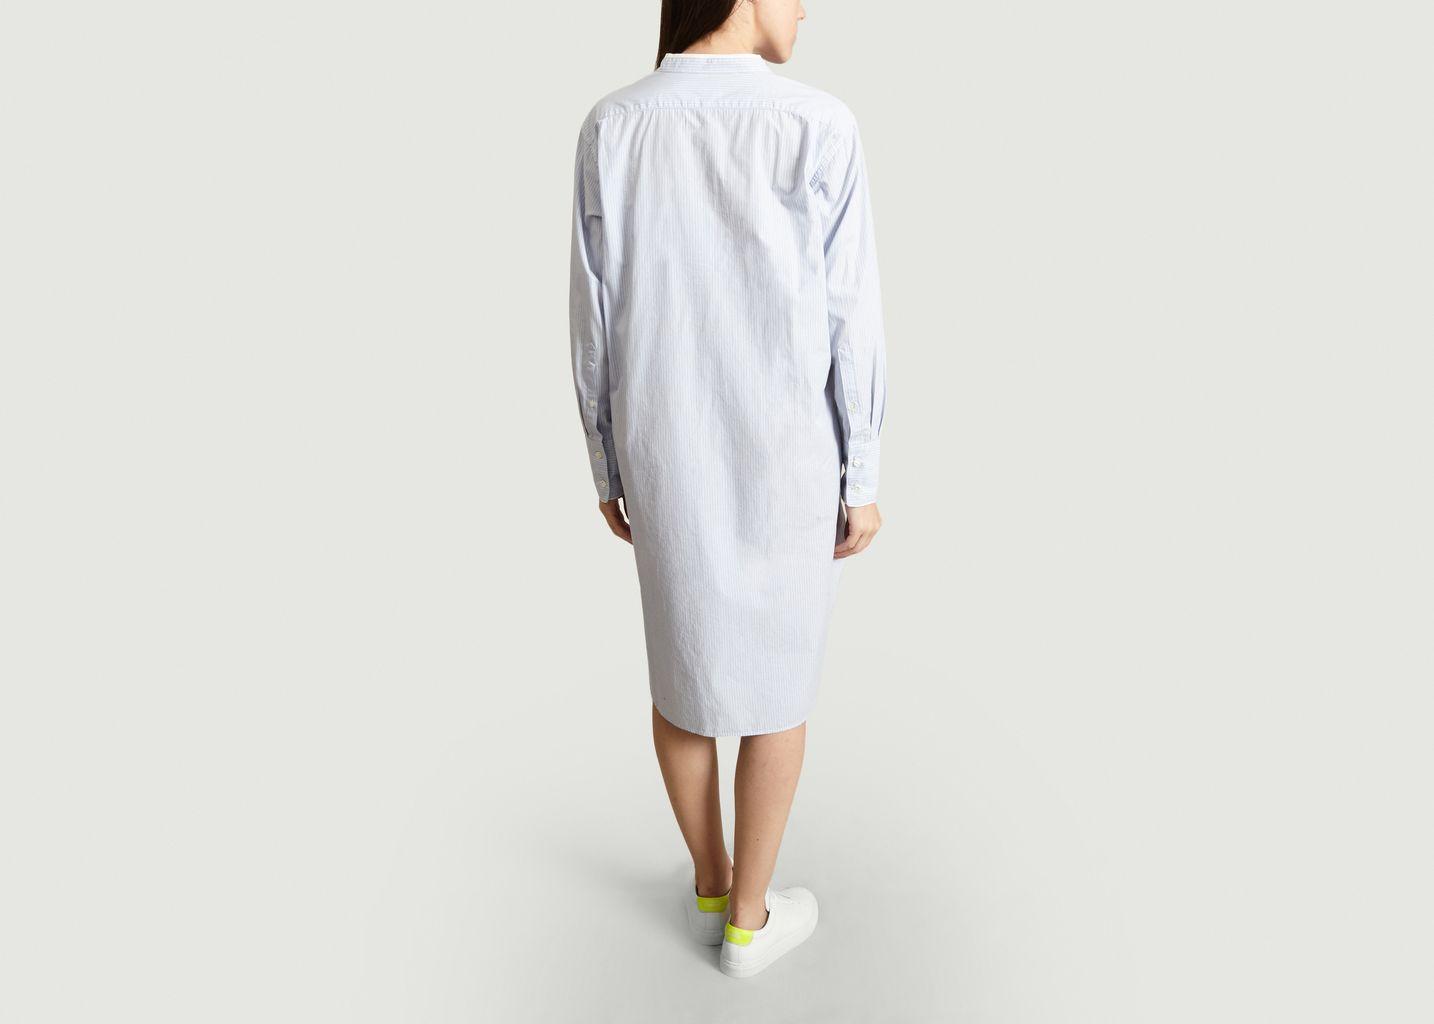 style de la mode de 2019 Style magnifique en soldes Robe-Chemise Rayée Aurora